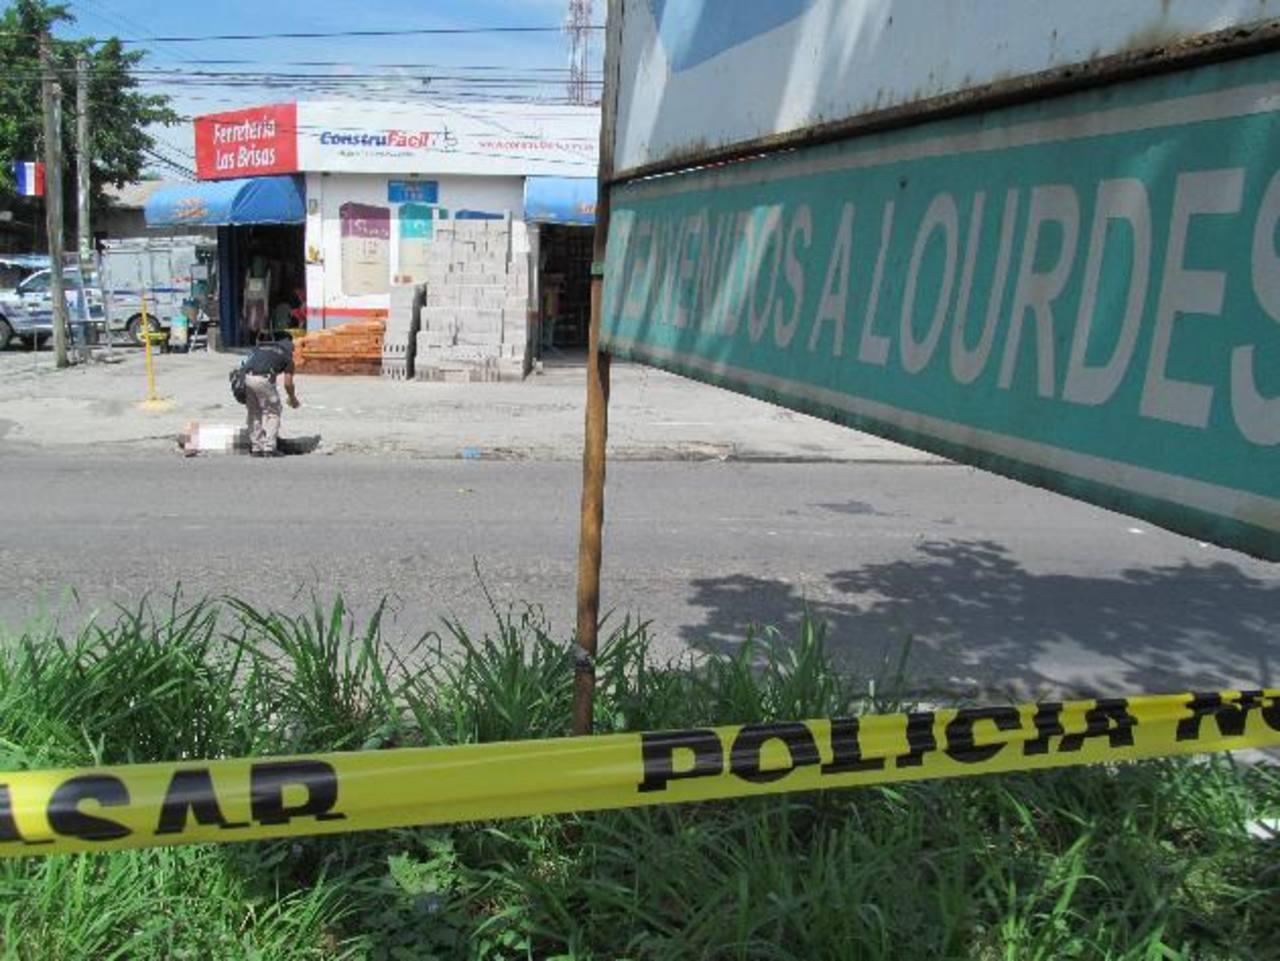 Un policía inspecciona el cuerpo de un hombre asesinado por tres pandilleros que, en su huida, se enfrentaron a investigadores policiales quienes balearon a un sospechoso. Foto EDH